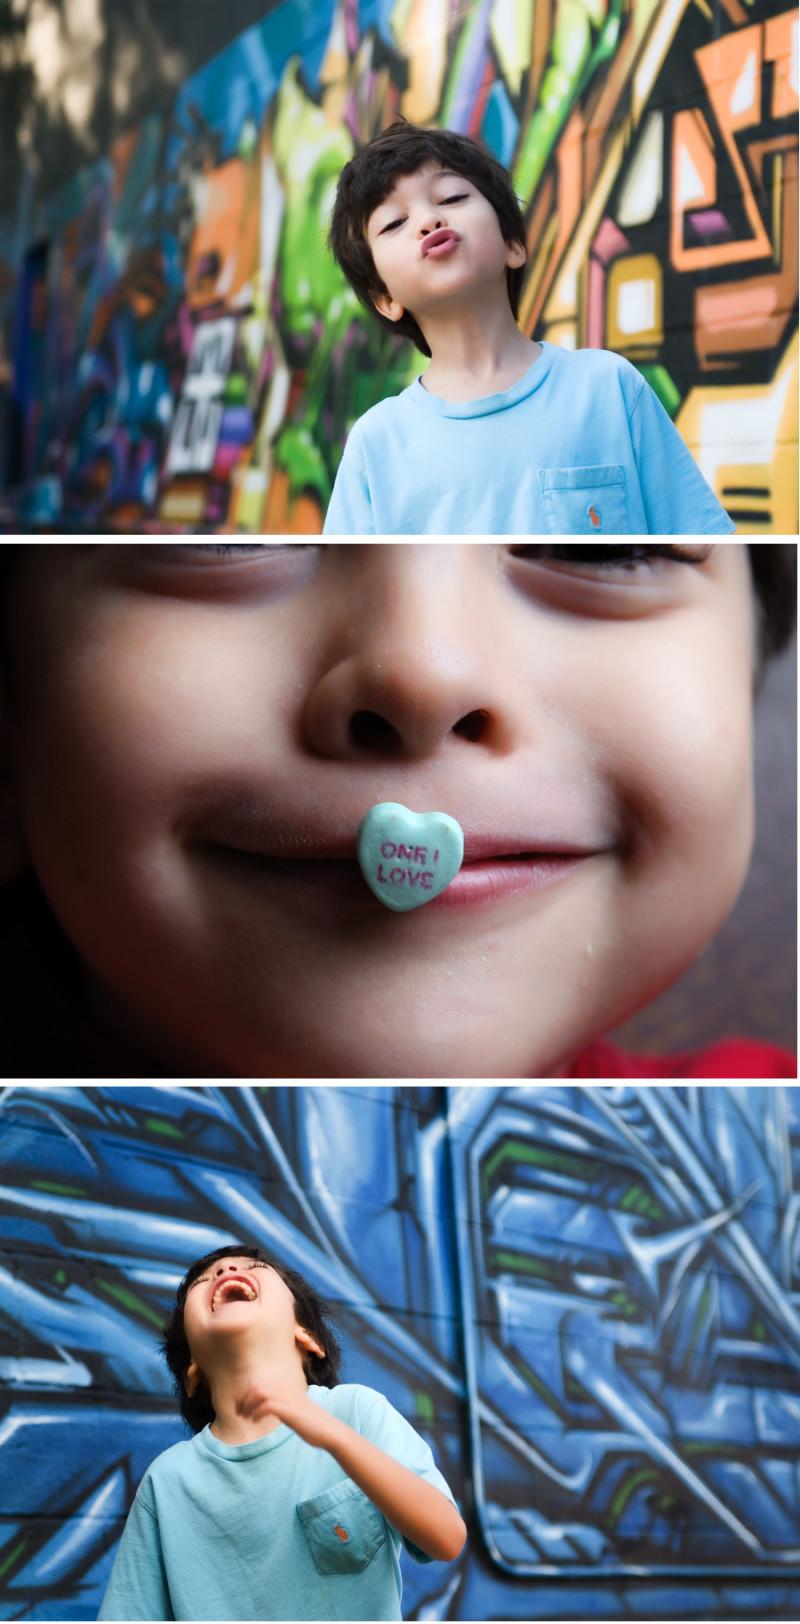 child_fun_portrait2